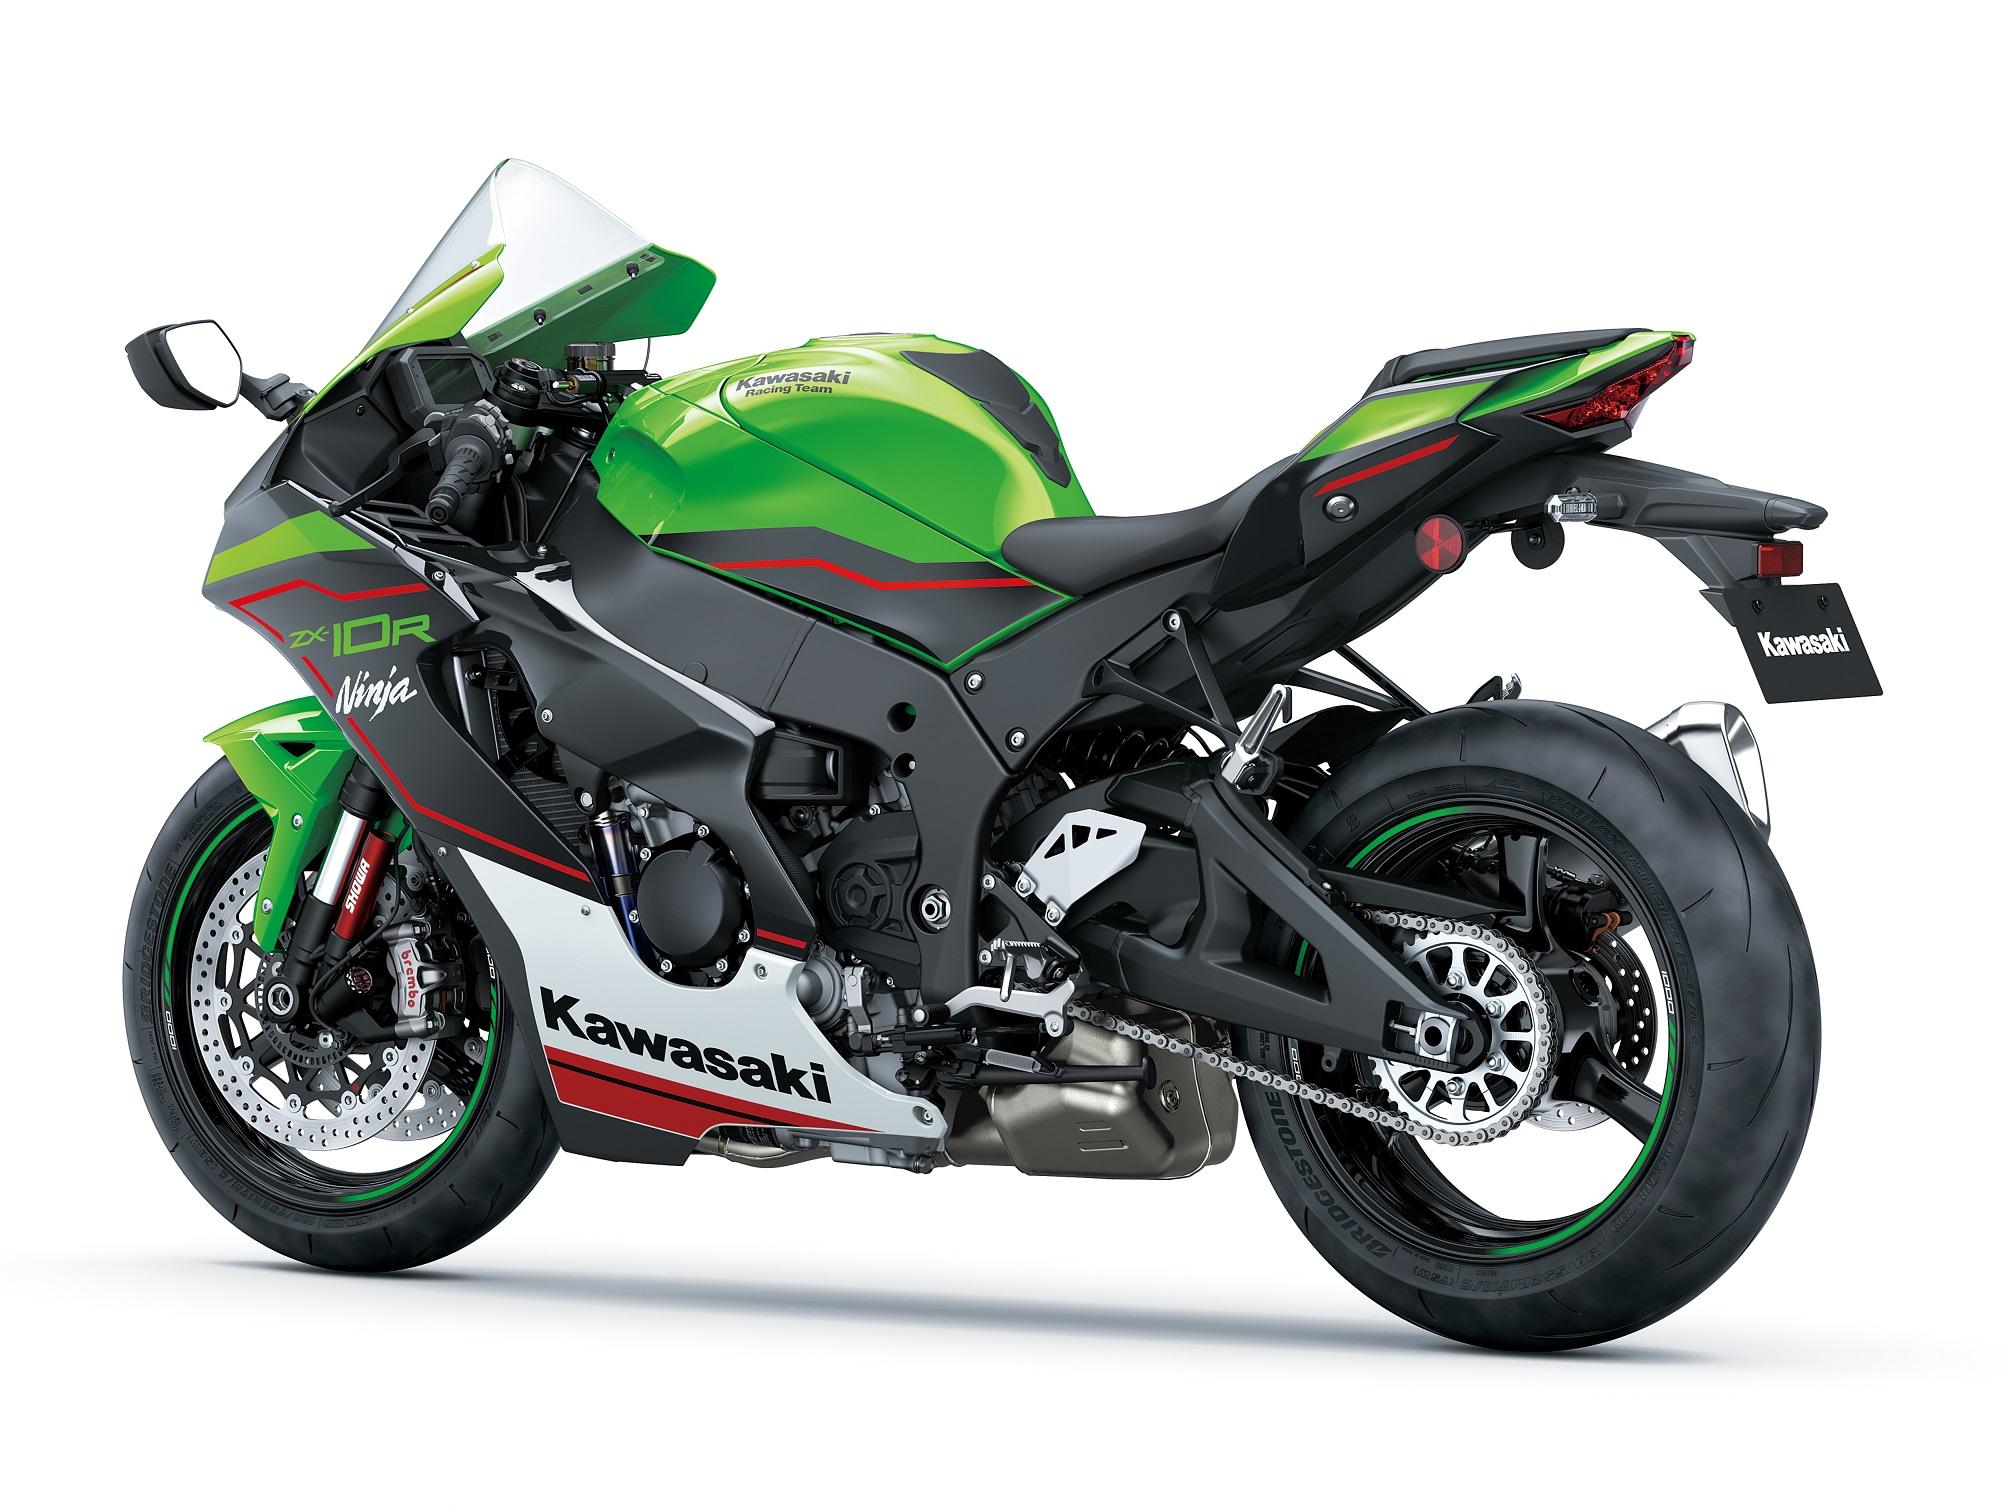 4. Kawasaki Ninja Zx 10r 2022